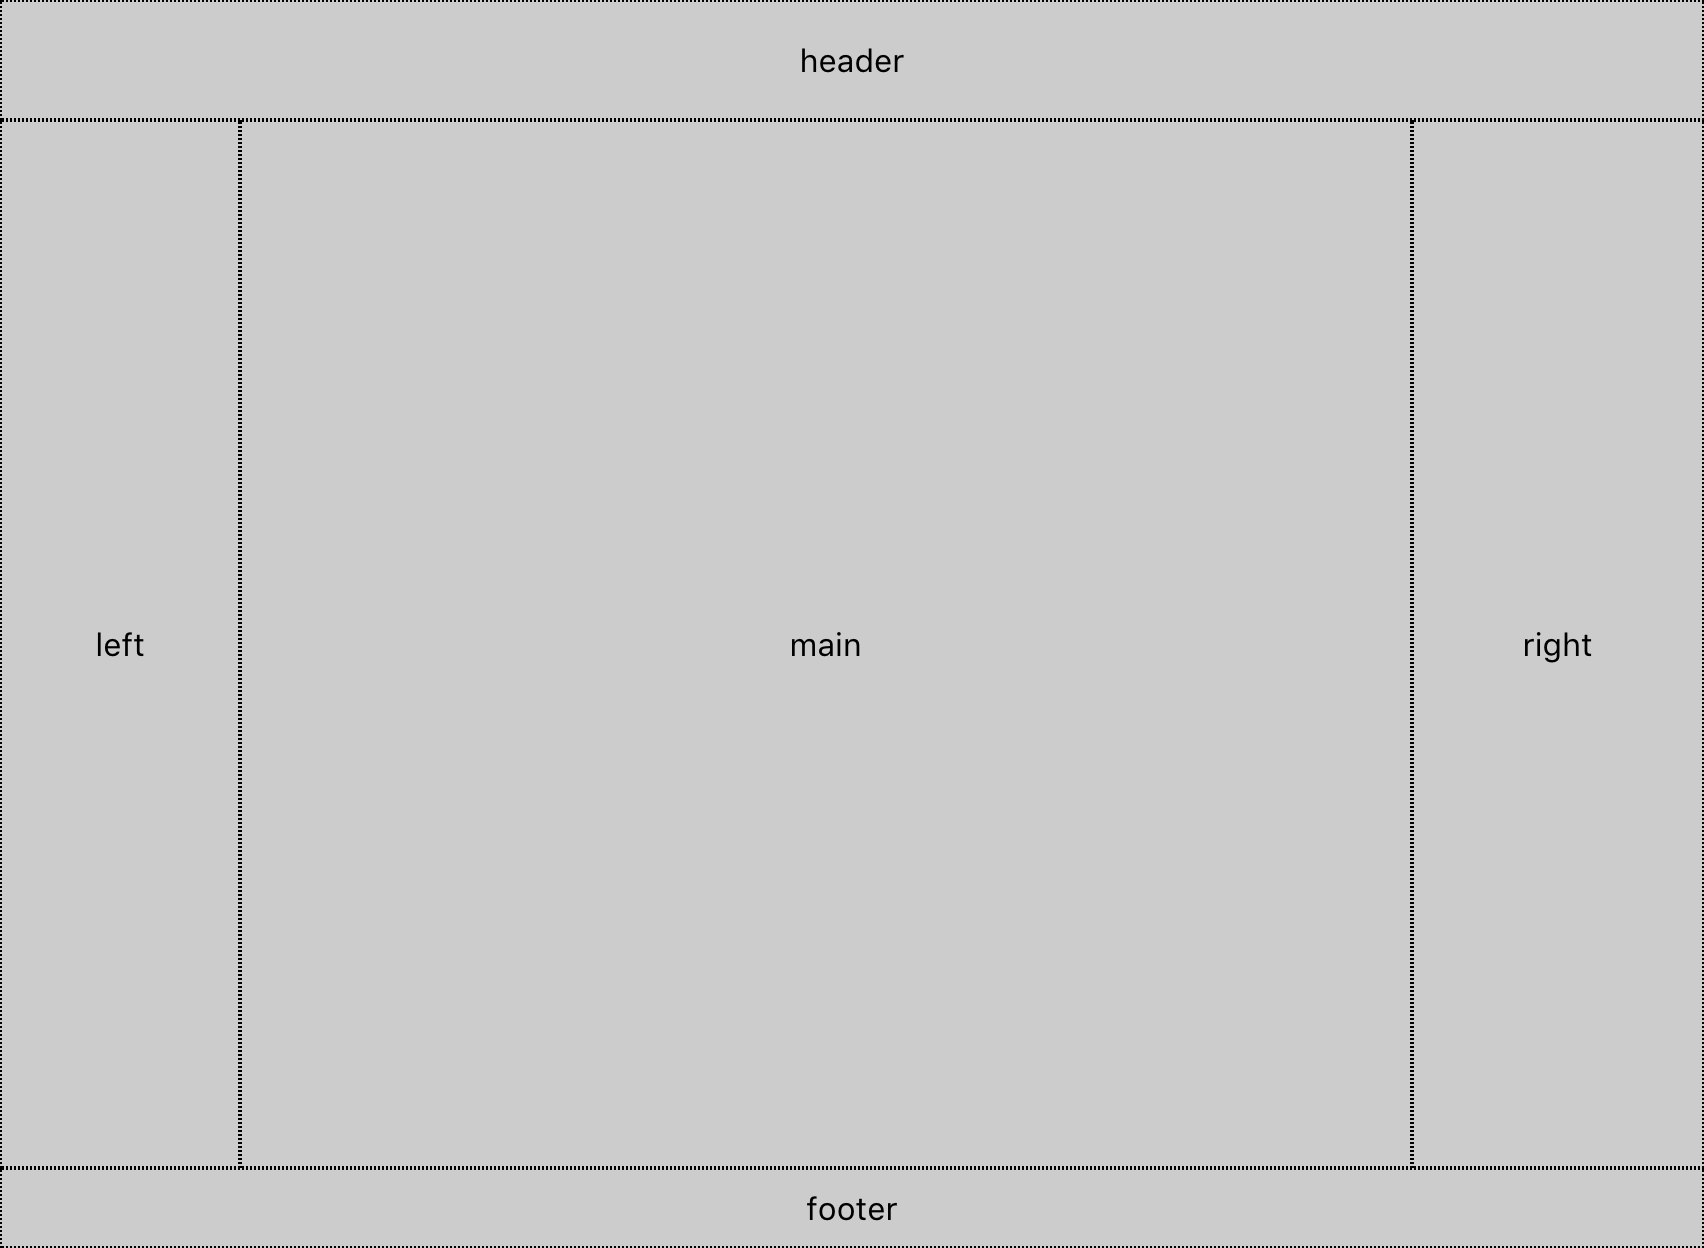 5a50d610a114772dcef21bdc--vue-grid-generator.netlify.com_ (1).png